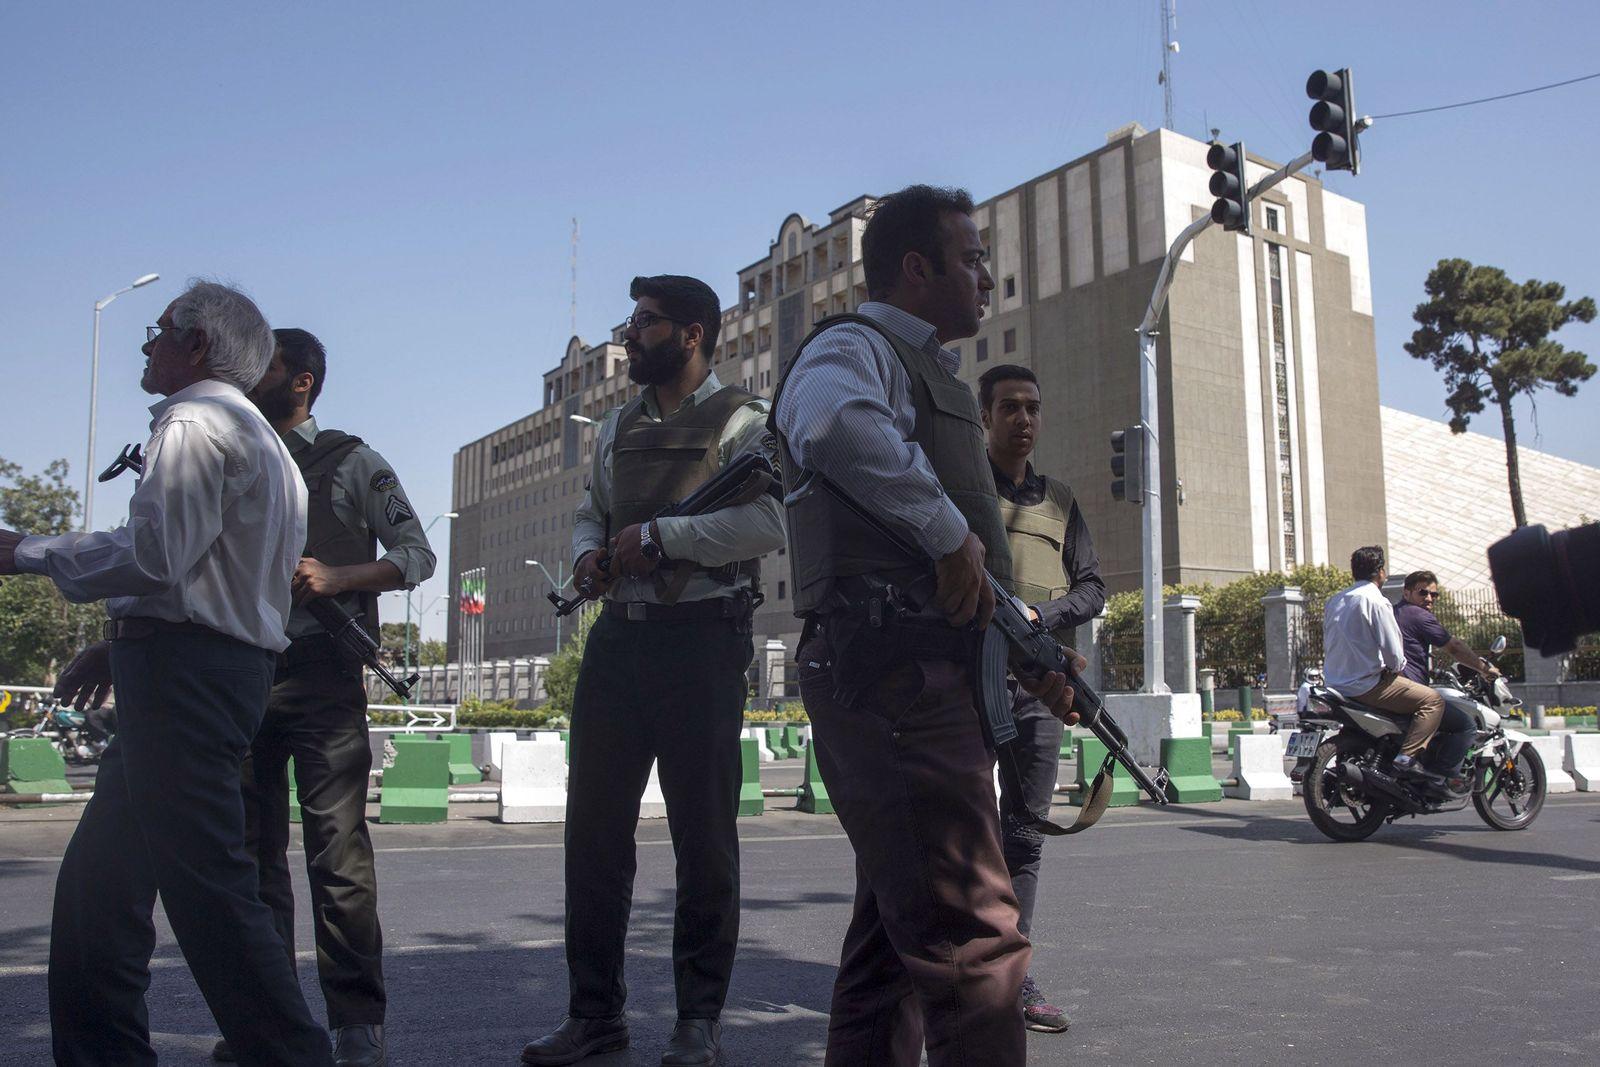 Iran / Teheran / Polizisten